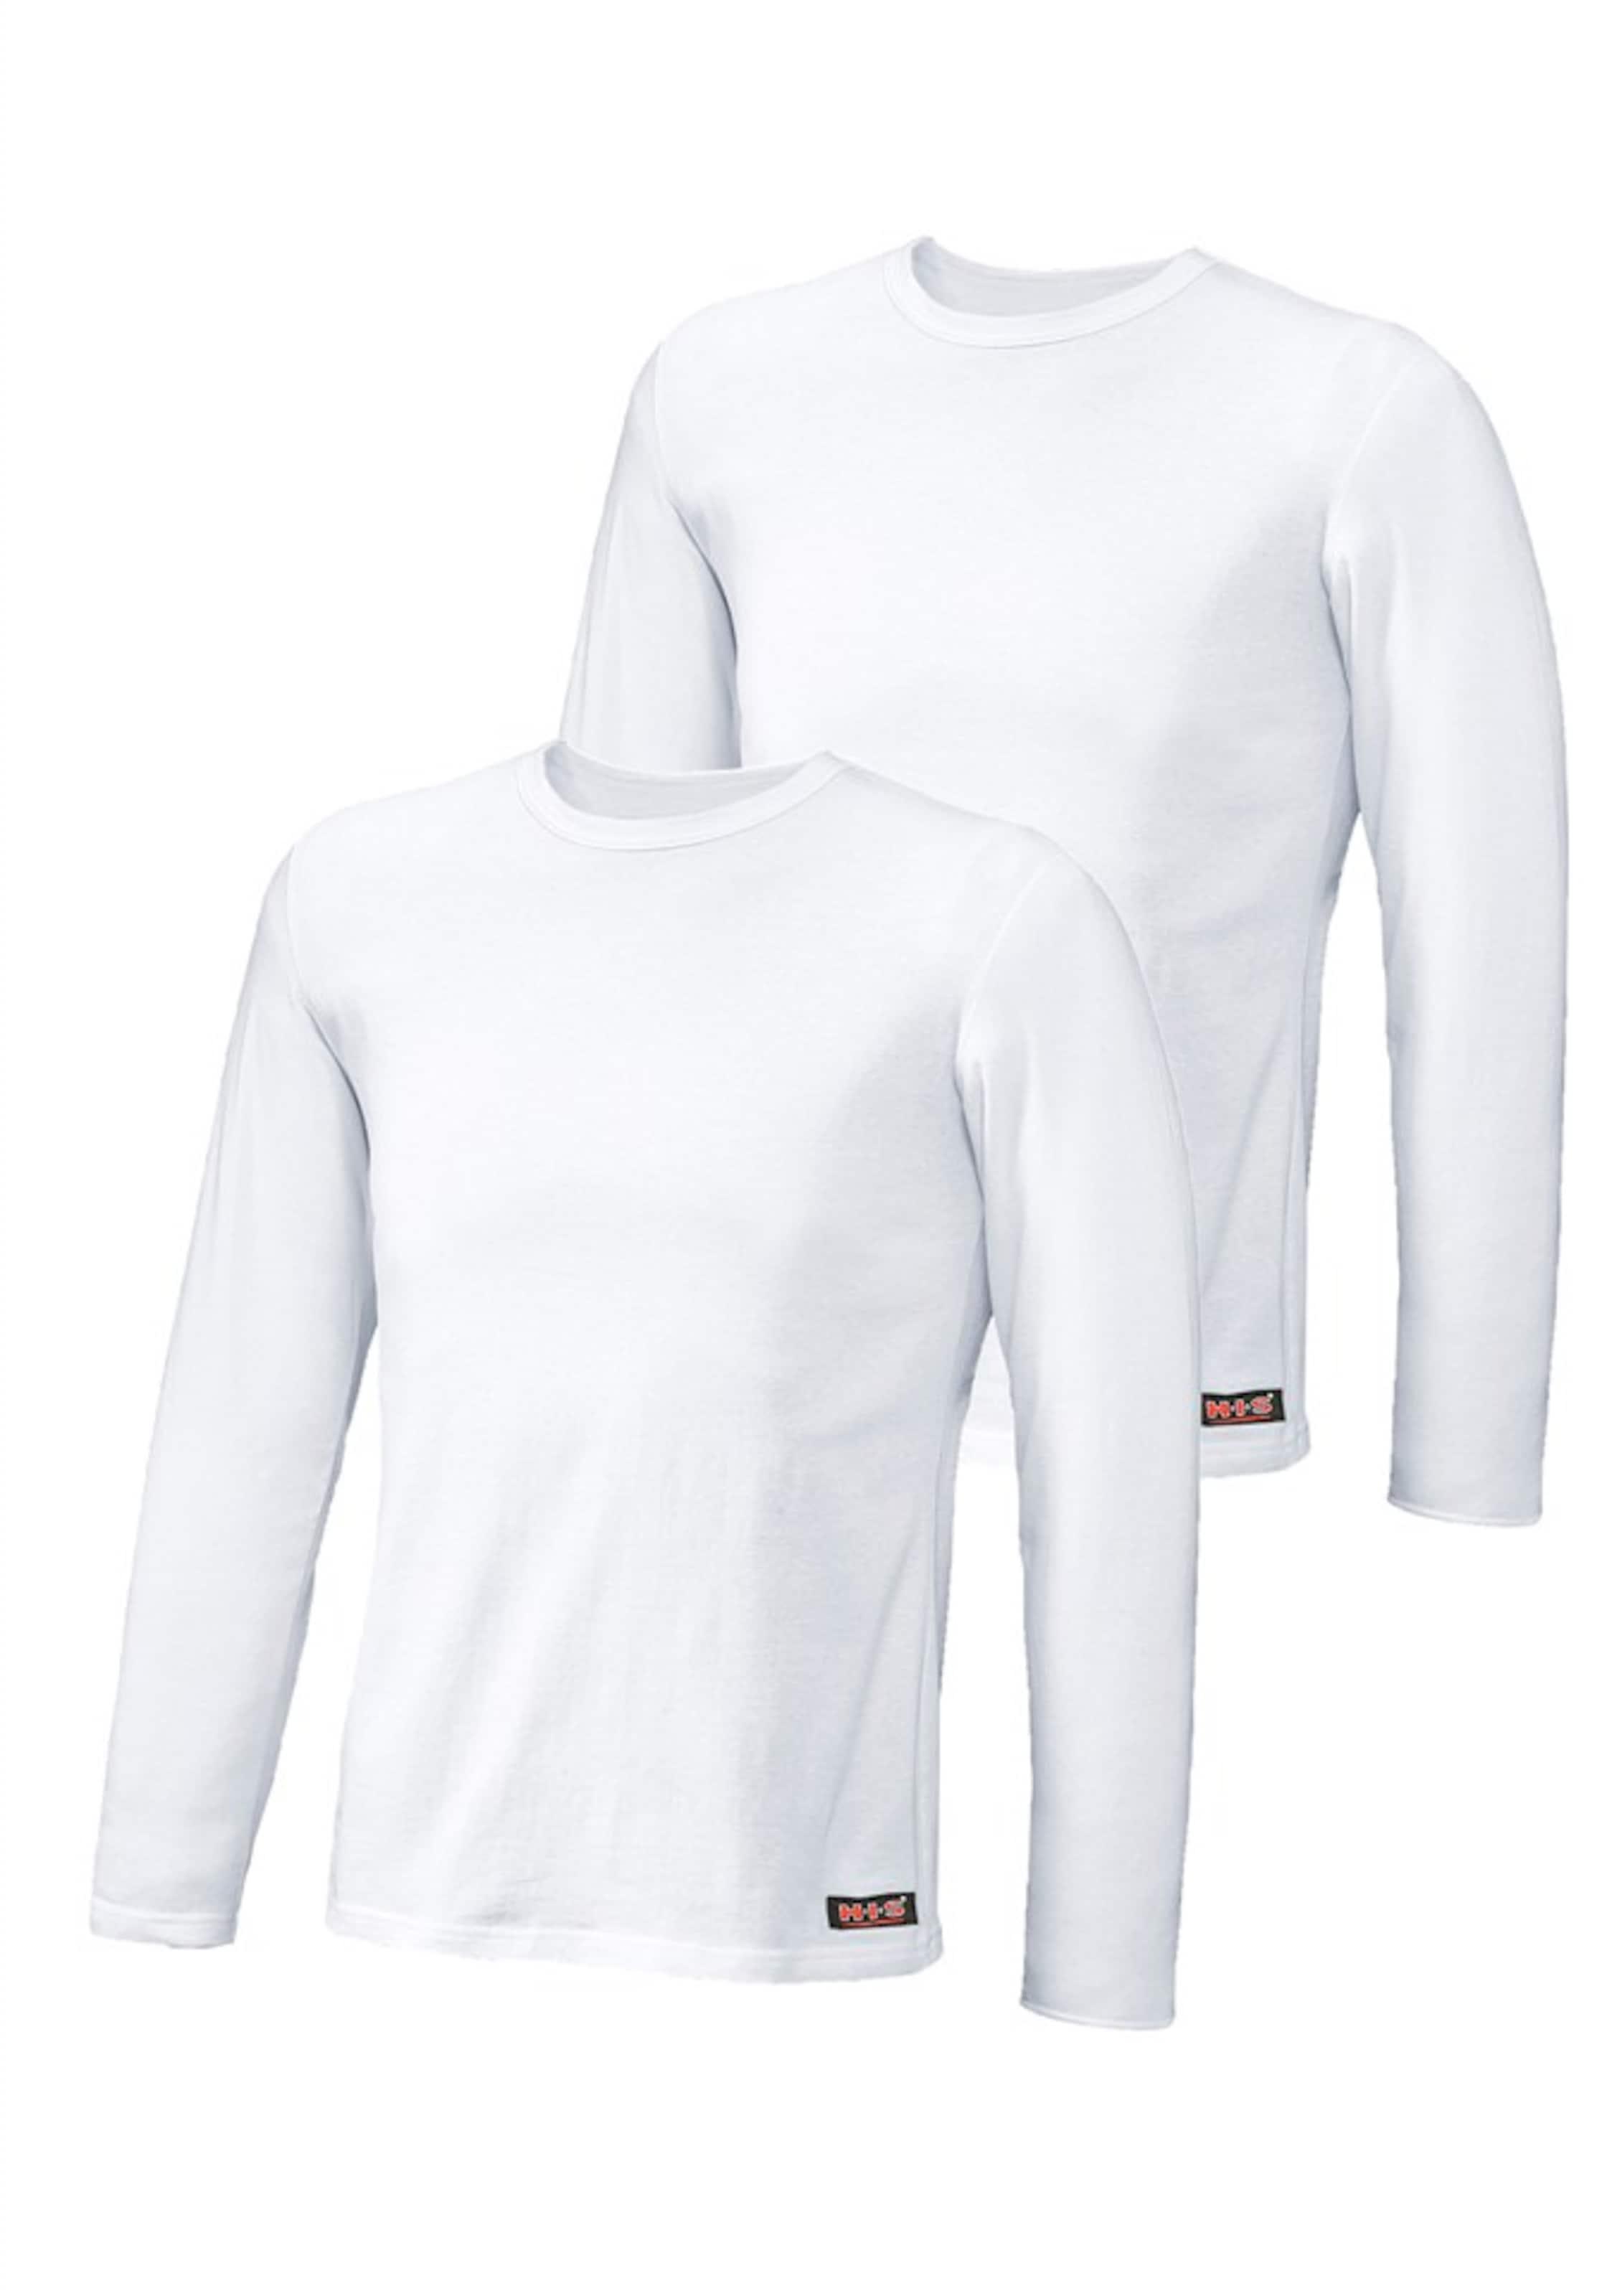 H.I.S Langarmshirt Steckdose Breite Palette Von Verkauf Von Top-Qualität Verkauf Footlocker Billig Empfehlen Neueste Online 7oVb5op